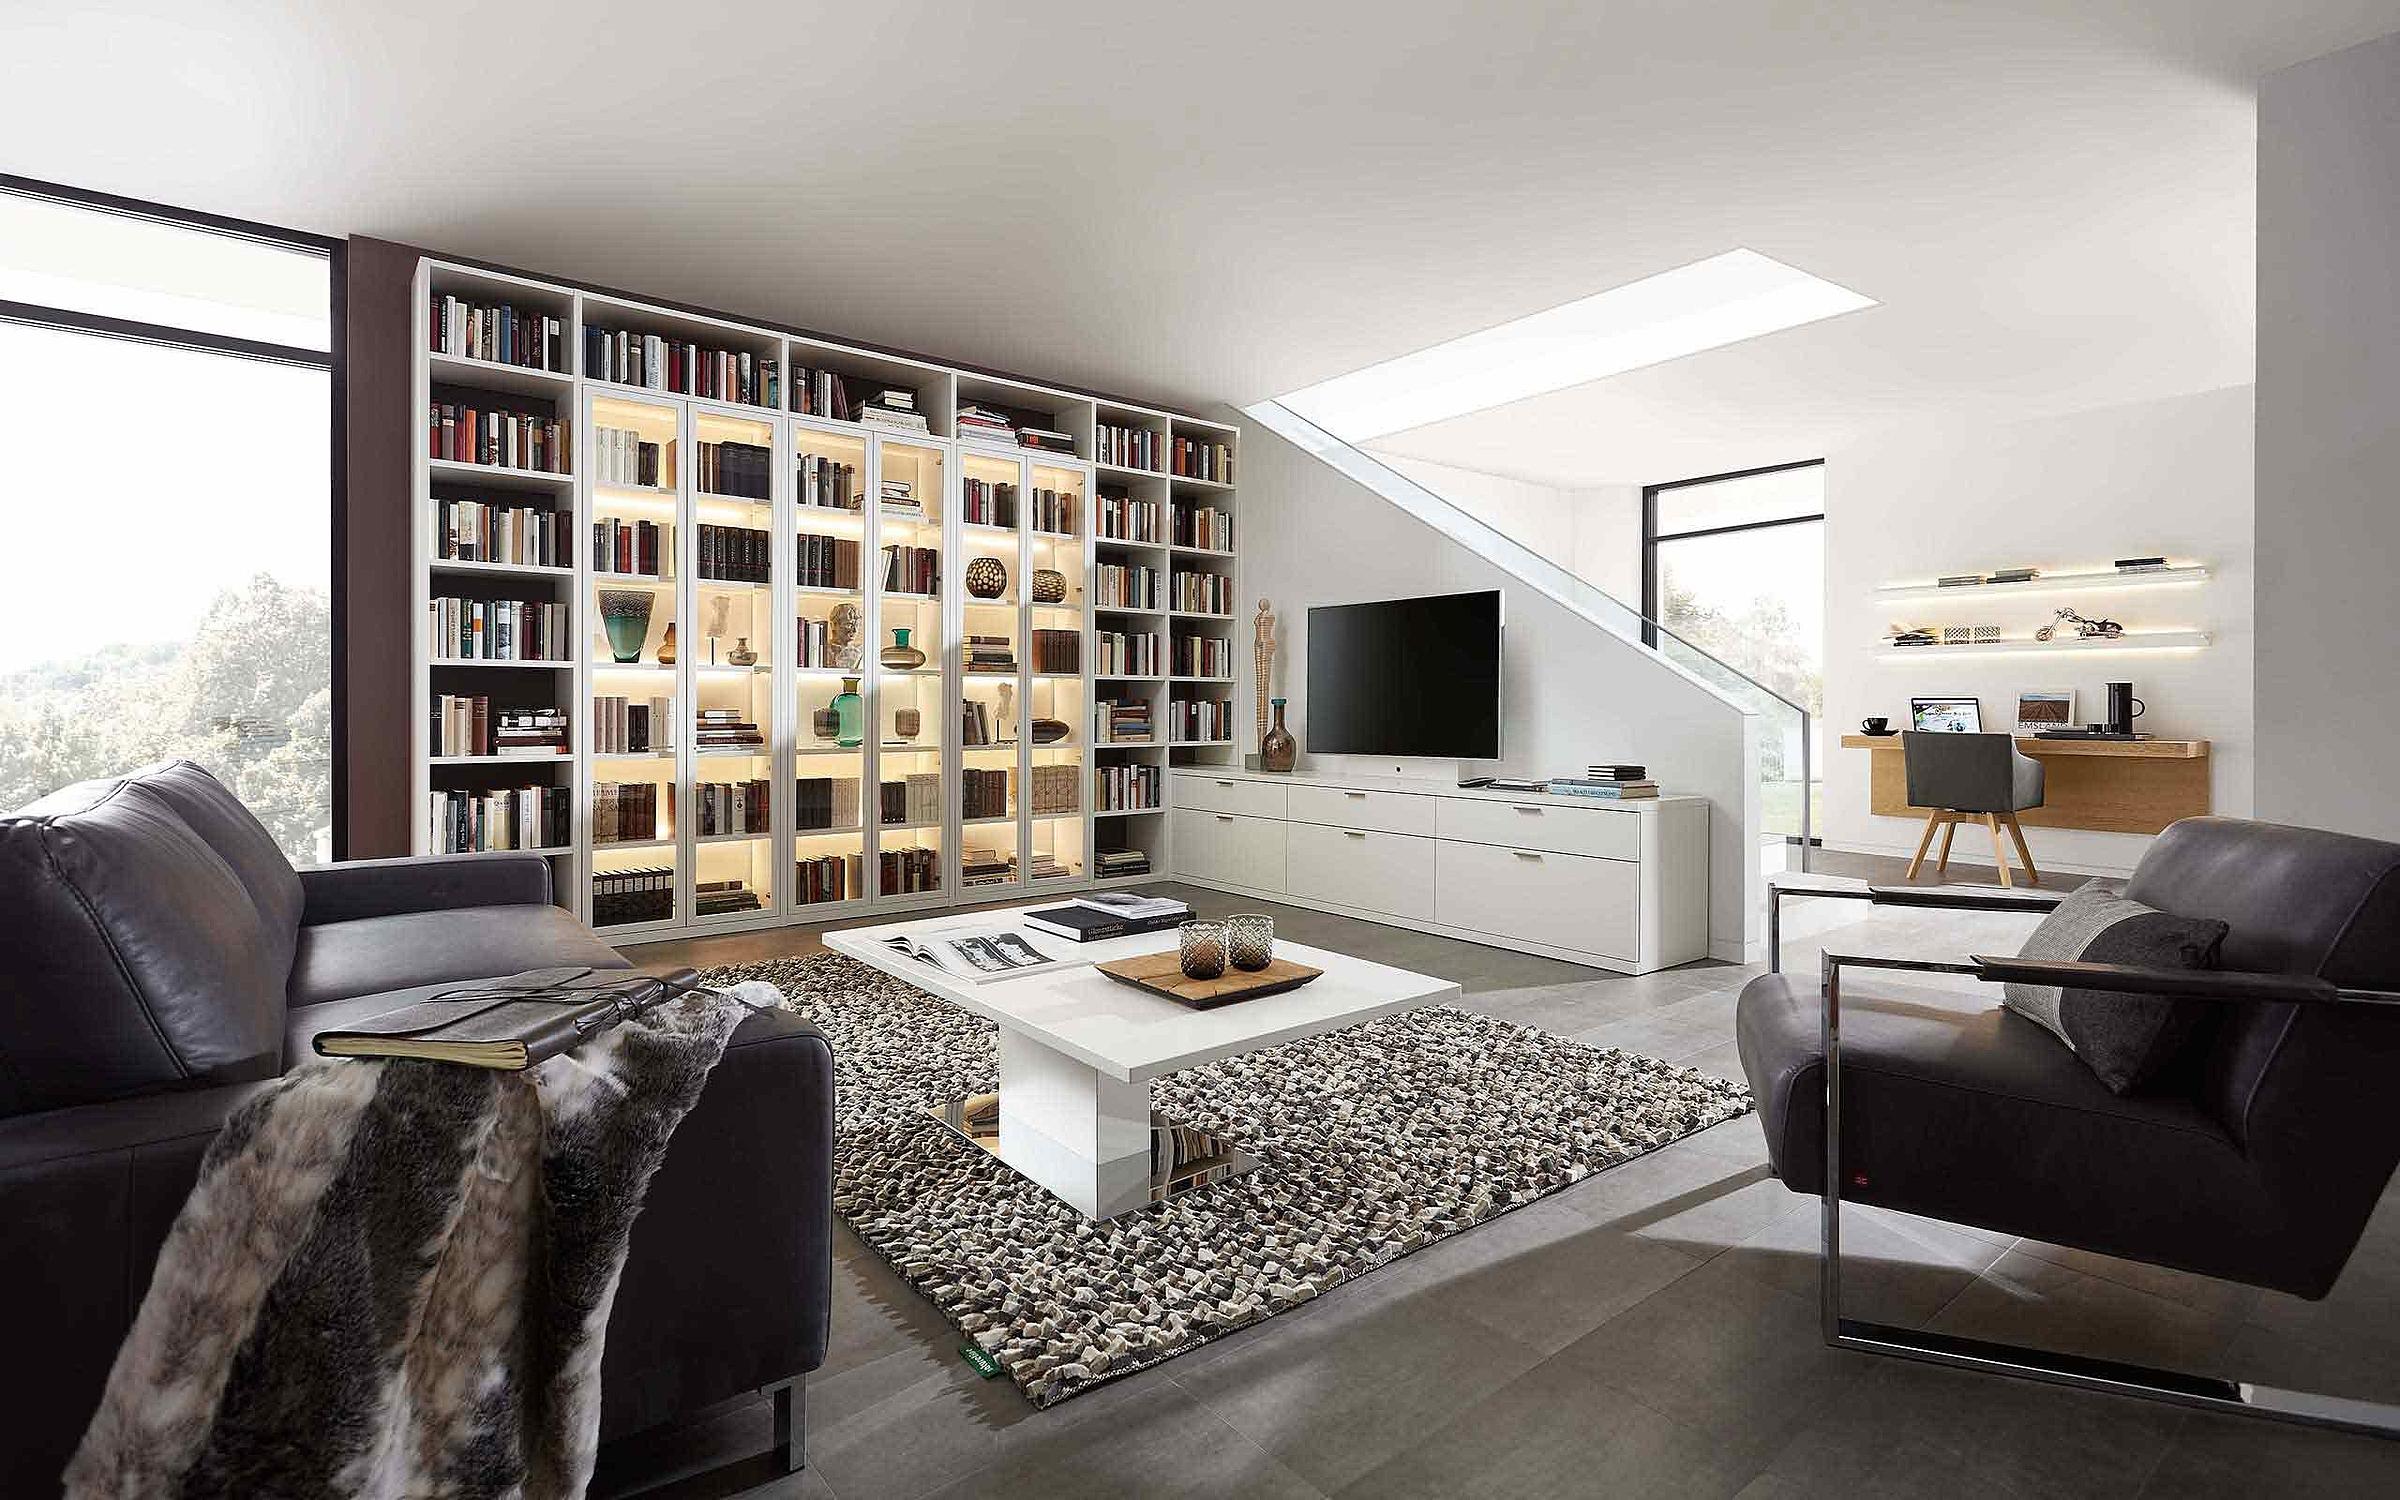 Bibliothek Wohnzimmer Siena Lack weiß